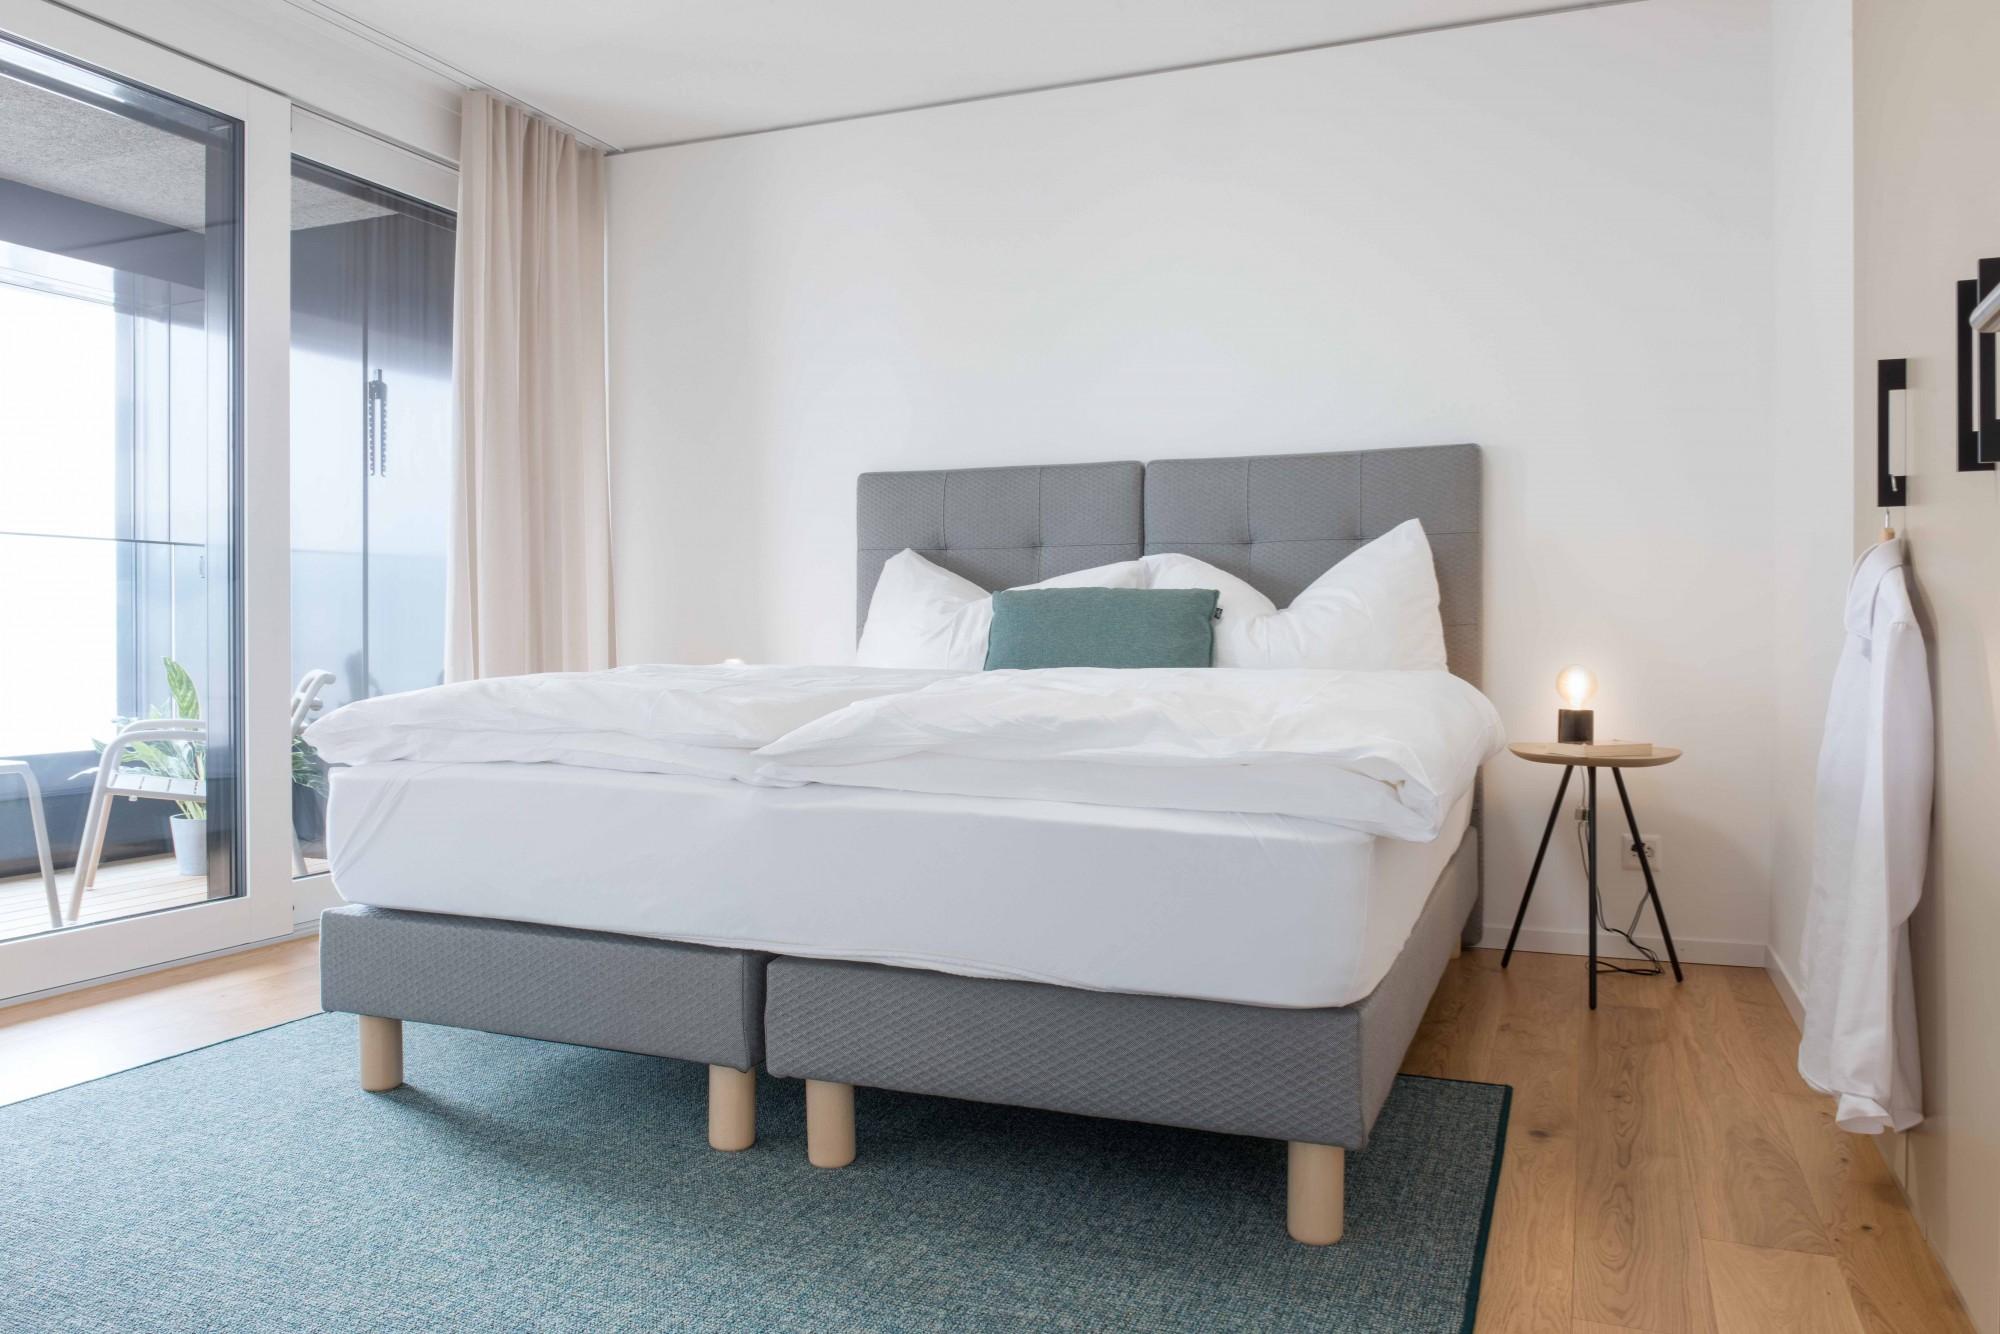 Serviced Apartment In Zurich 6min Zum Hb 2 5 Zimmerwohnung Grosszugige Kuche Mit Kochinsel Smart Apartments